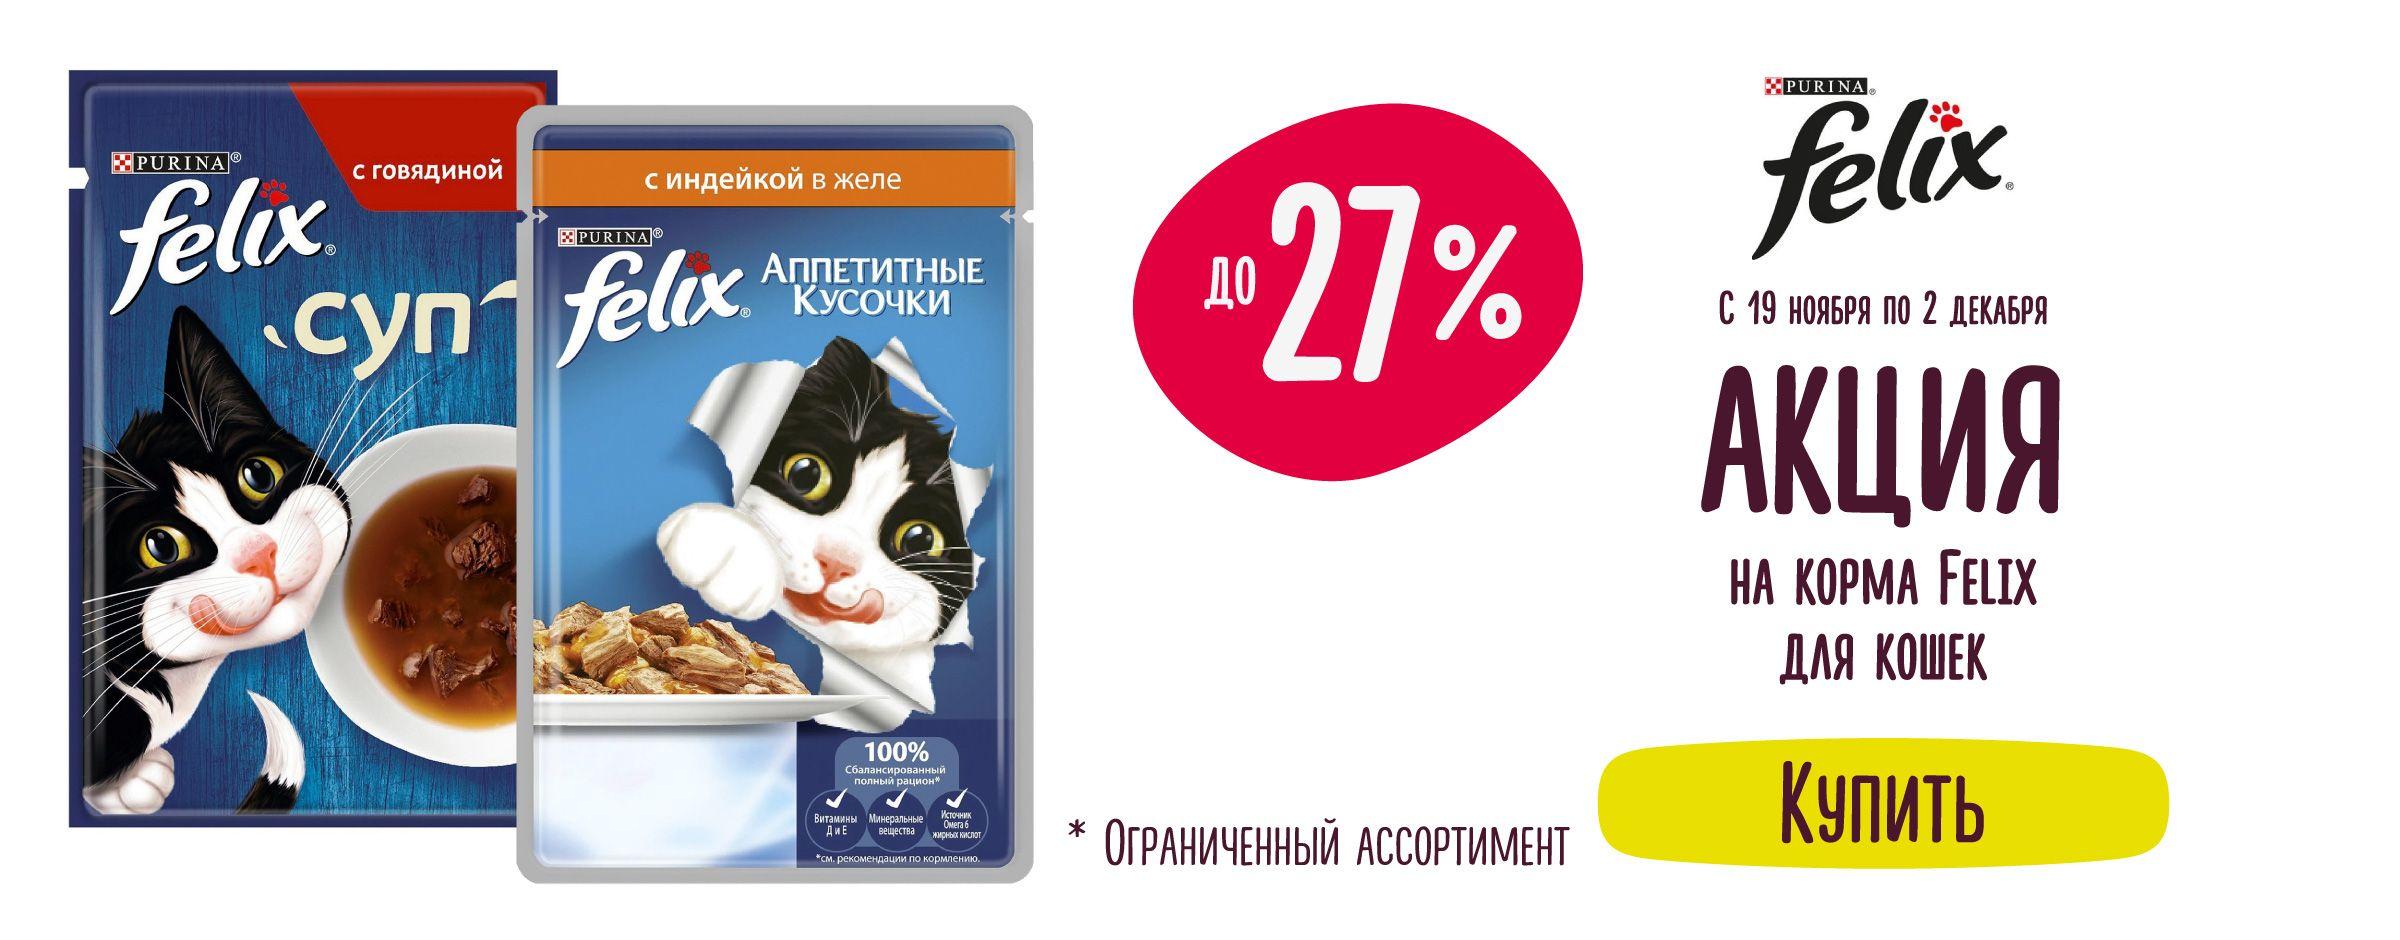 Скидка до 27% на корма Felix для кошек == Листовка23